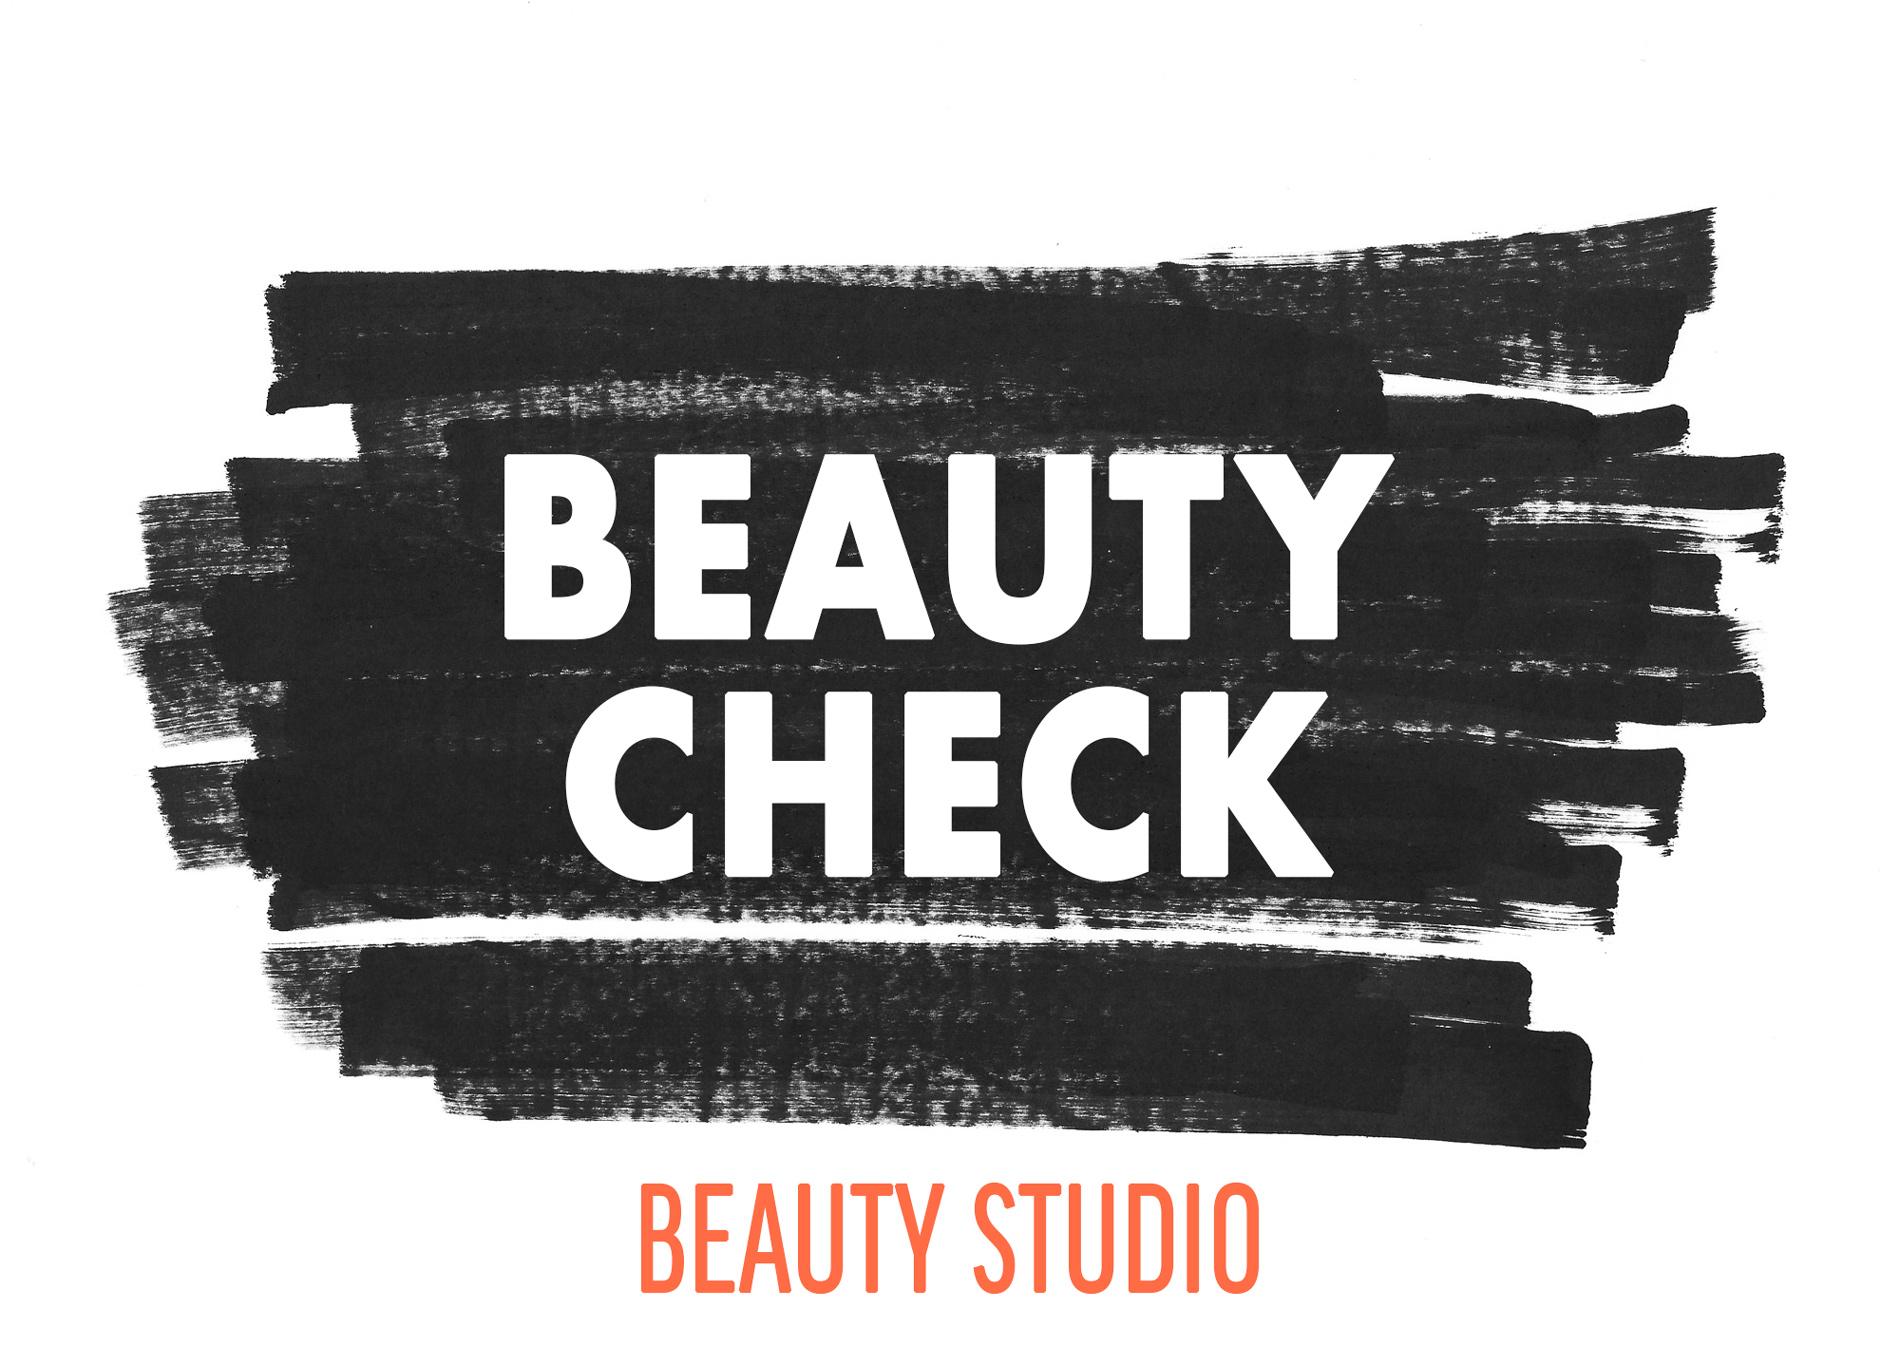 beautycheck.jpg